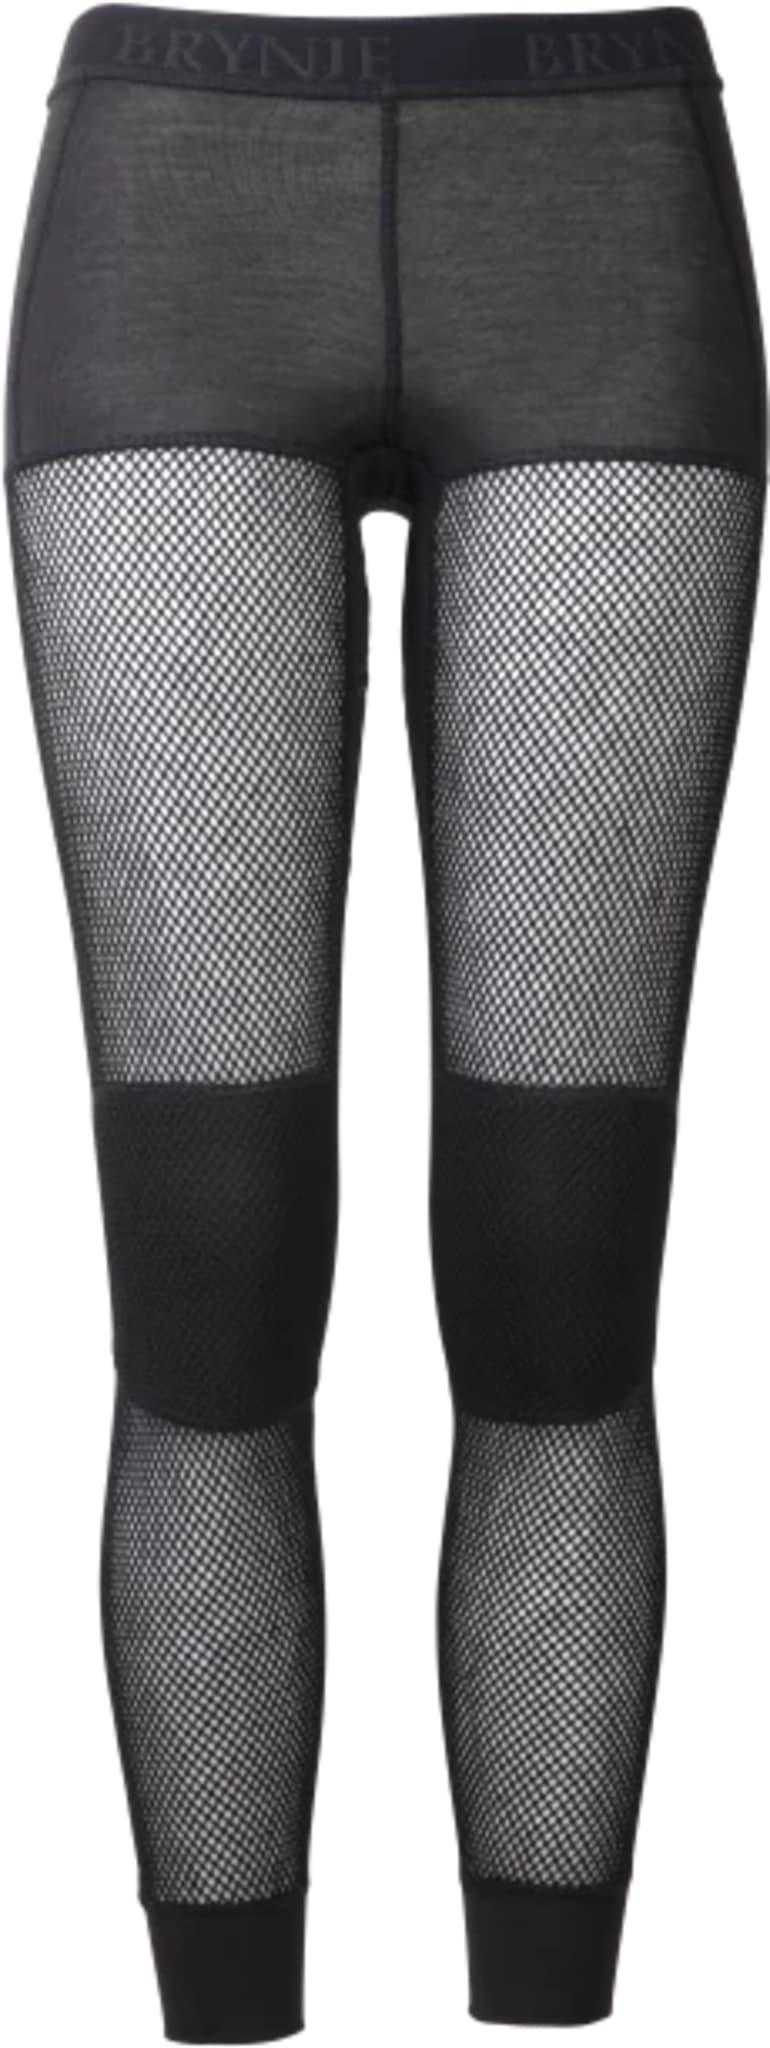 Longs i netting med ekstra varme på knærne